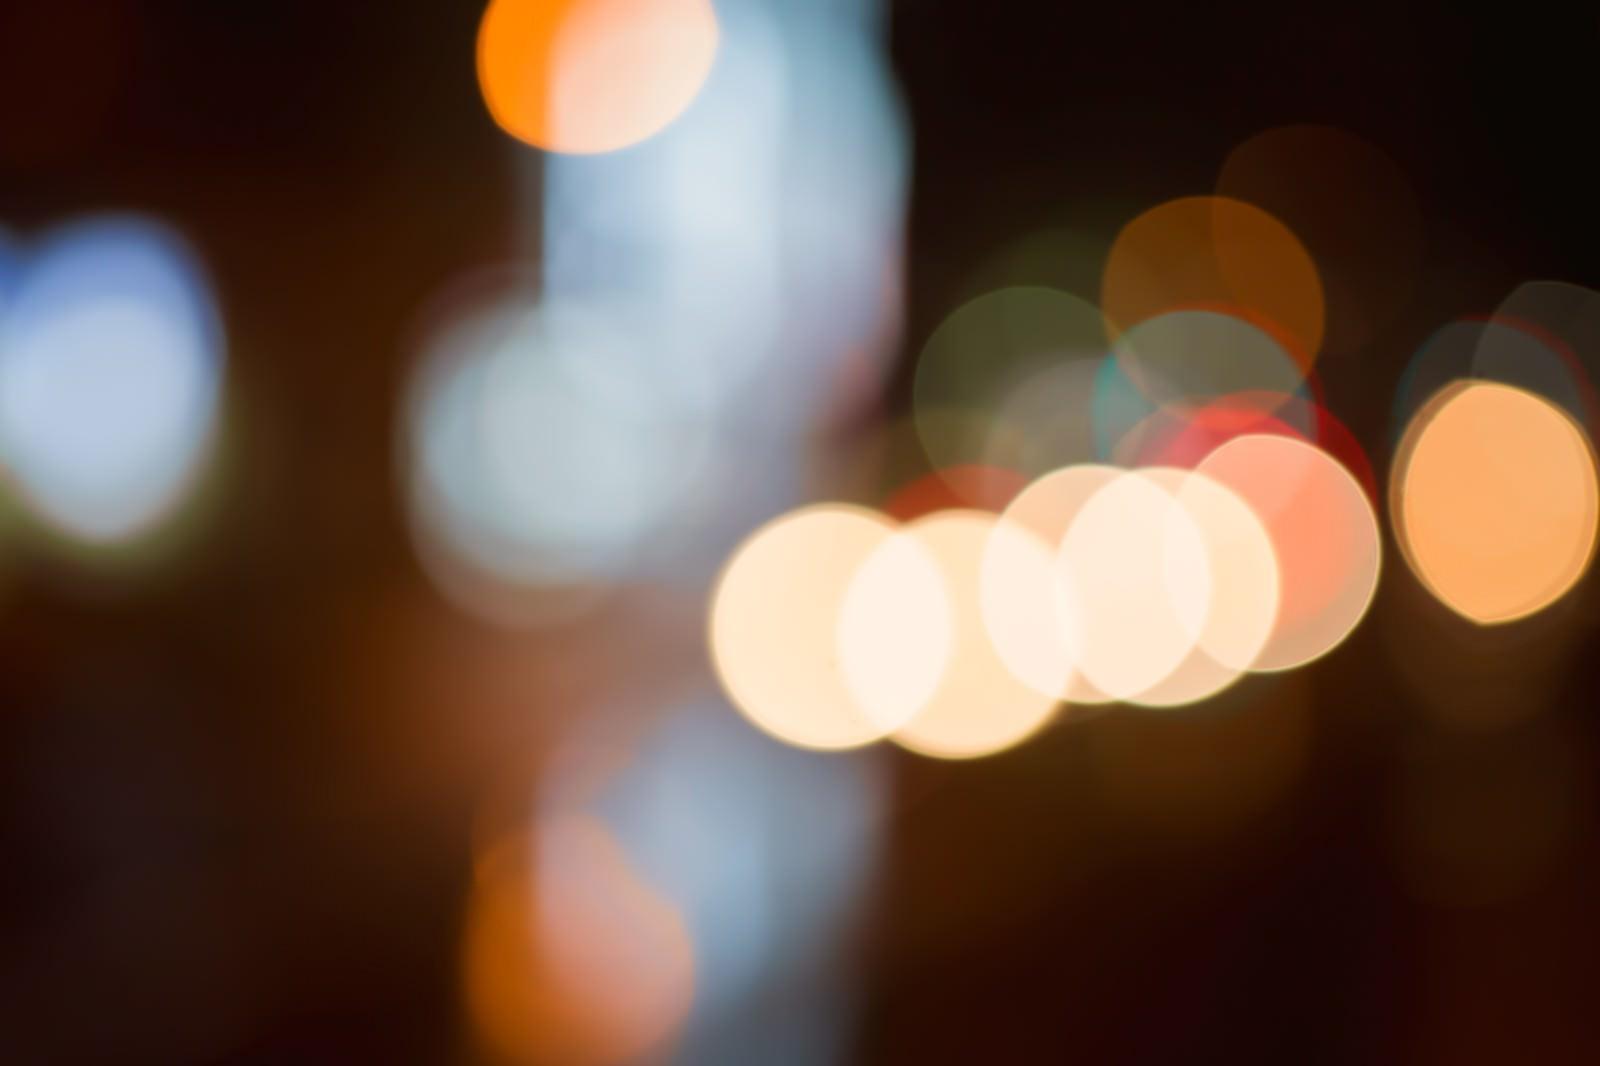 「ボケた光」の写真